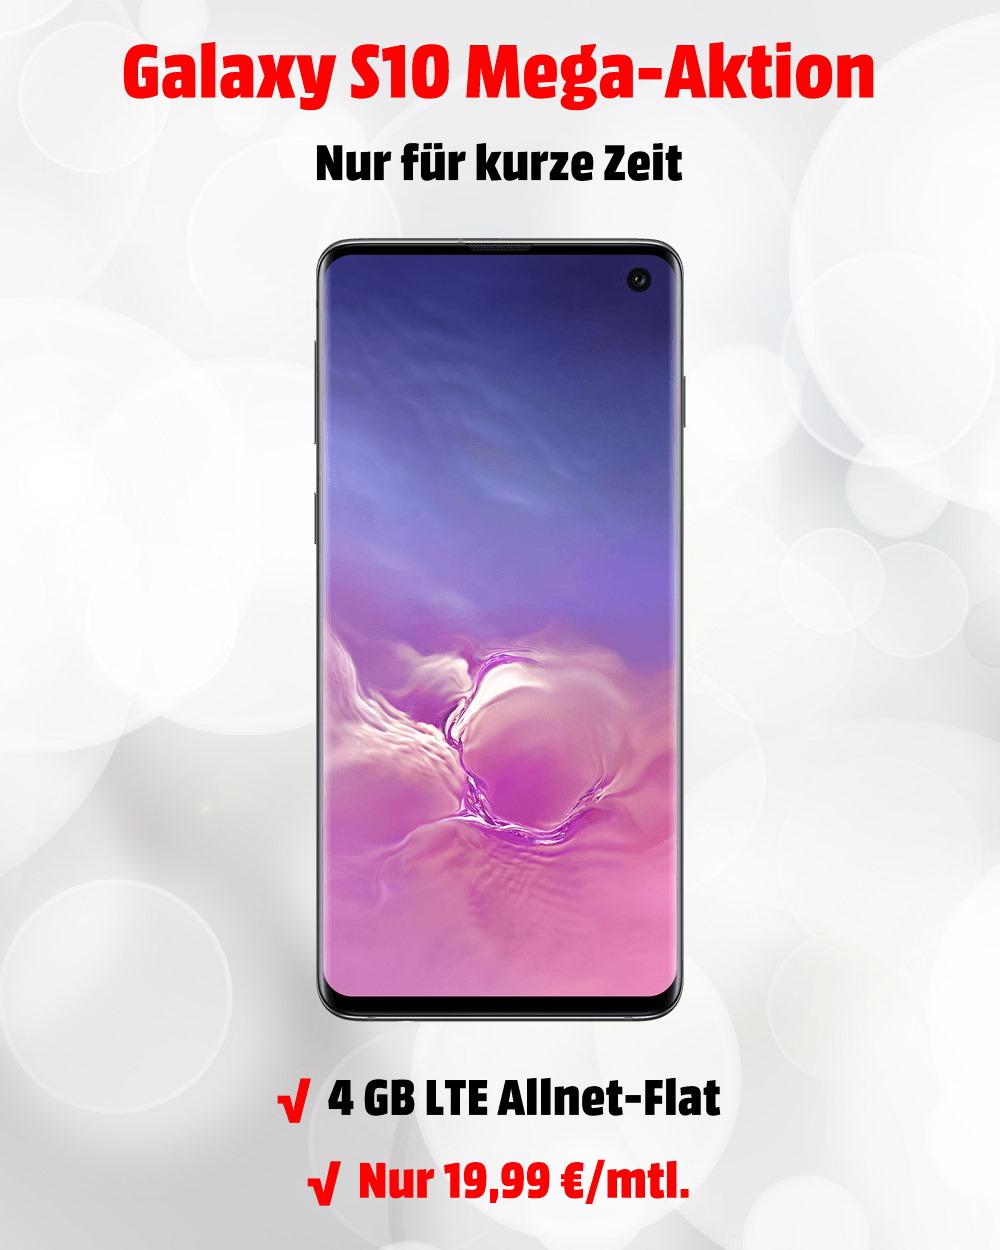 Galaxy S10 mit 4 GB LTE Allnet-Flat zum absoluten Tiefstpreis